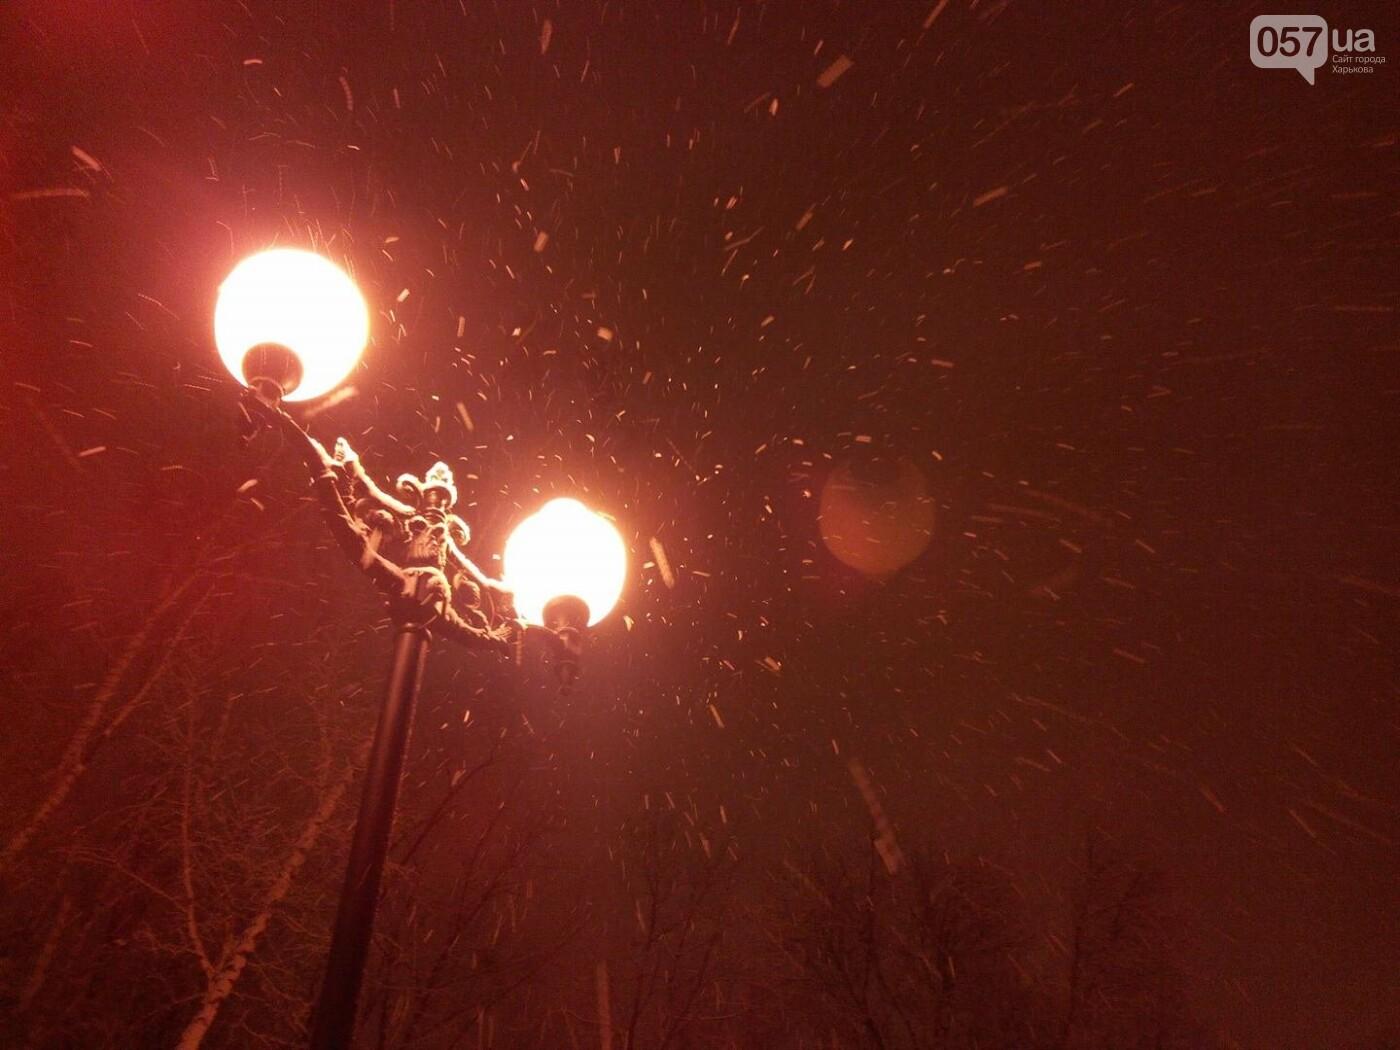 Синоптики прогнозируют в Харькове мокрый снег и гололед (ФОТО) , фото-3